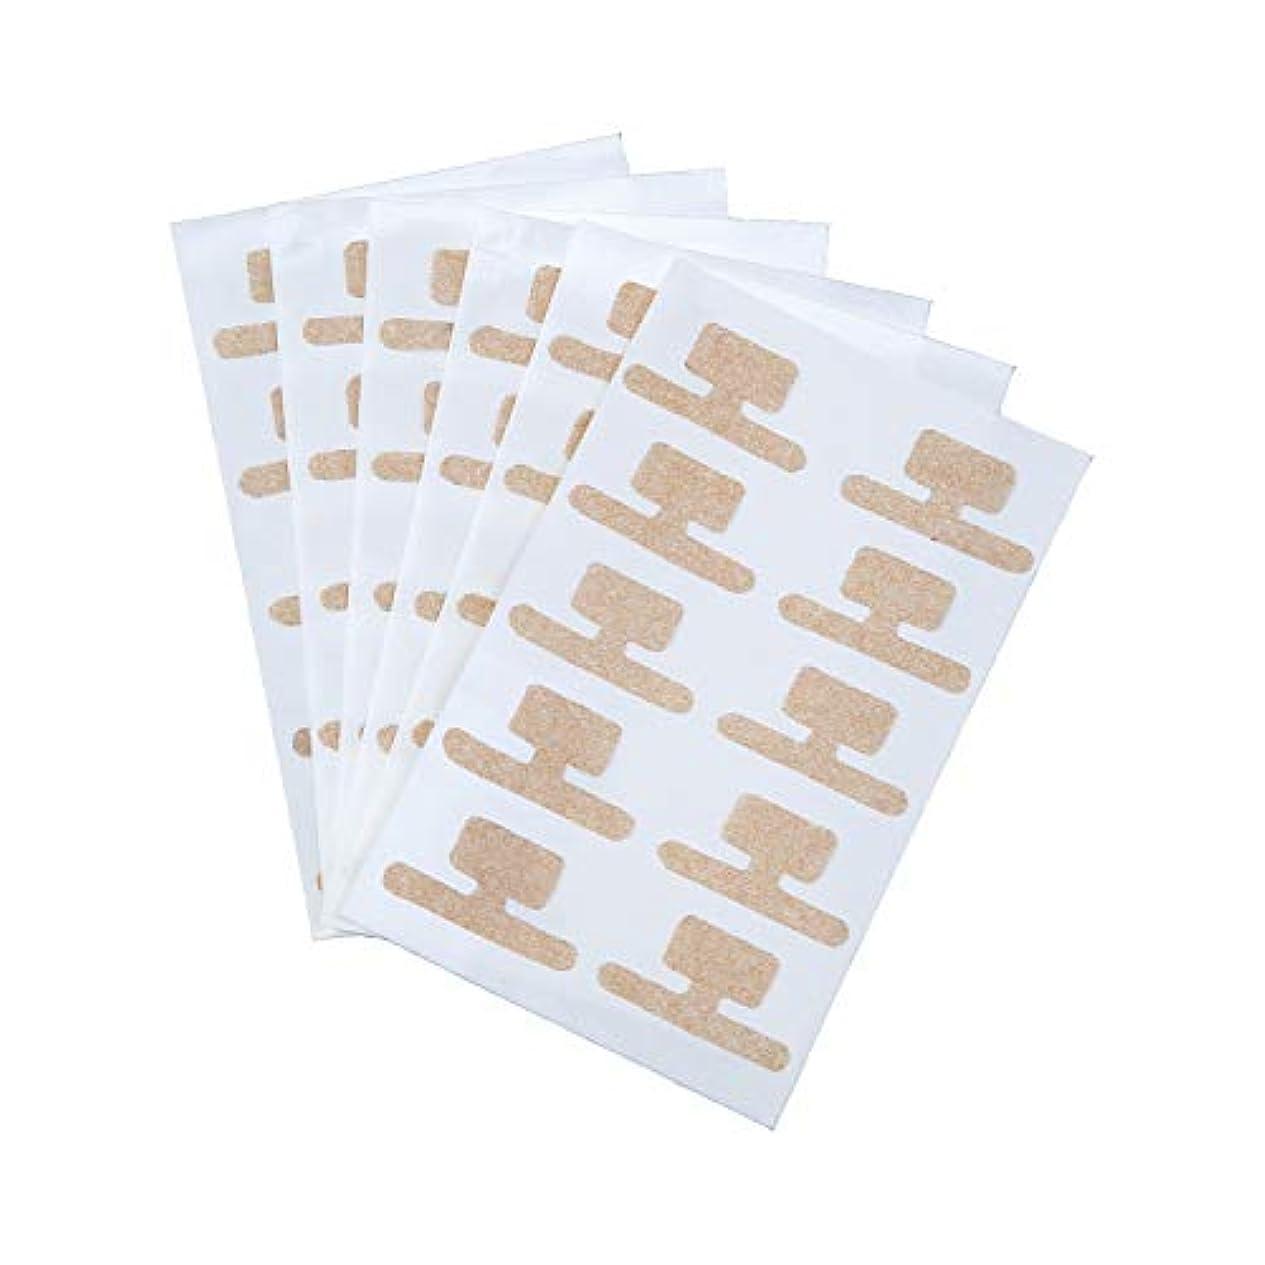 構築するパニックミケランジェロ巻き爪ダブルケアテープ 60枚入 持ち上げ シール 食い込み 痛み サポート 貼るだけ 足 フットケア